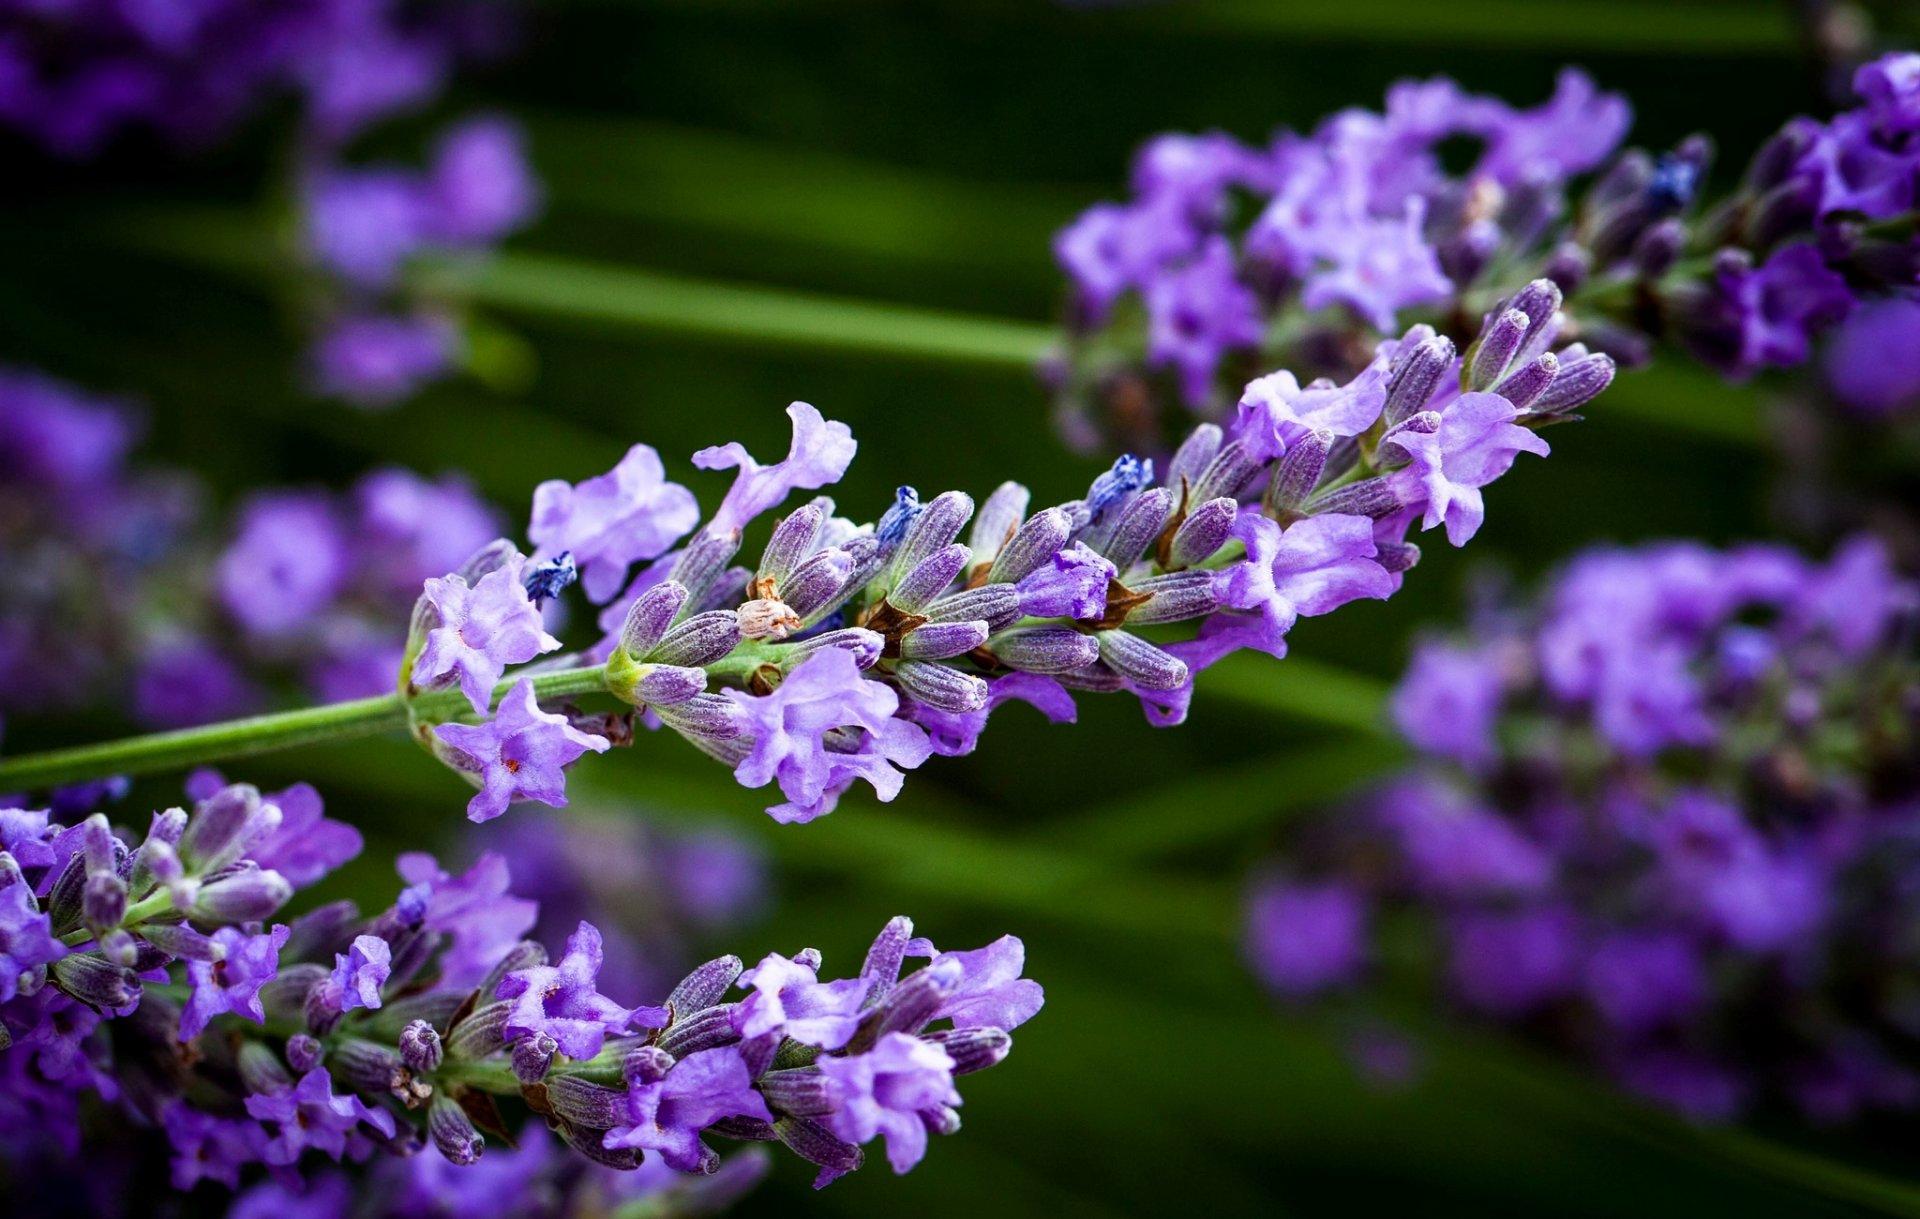 Приколы сделать, картинки с фиолетовыми цветами в высоком качестве